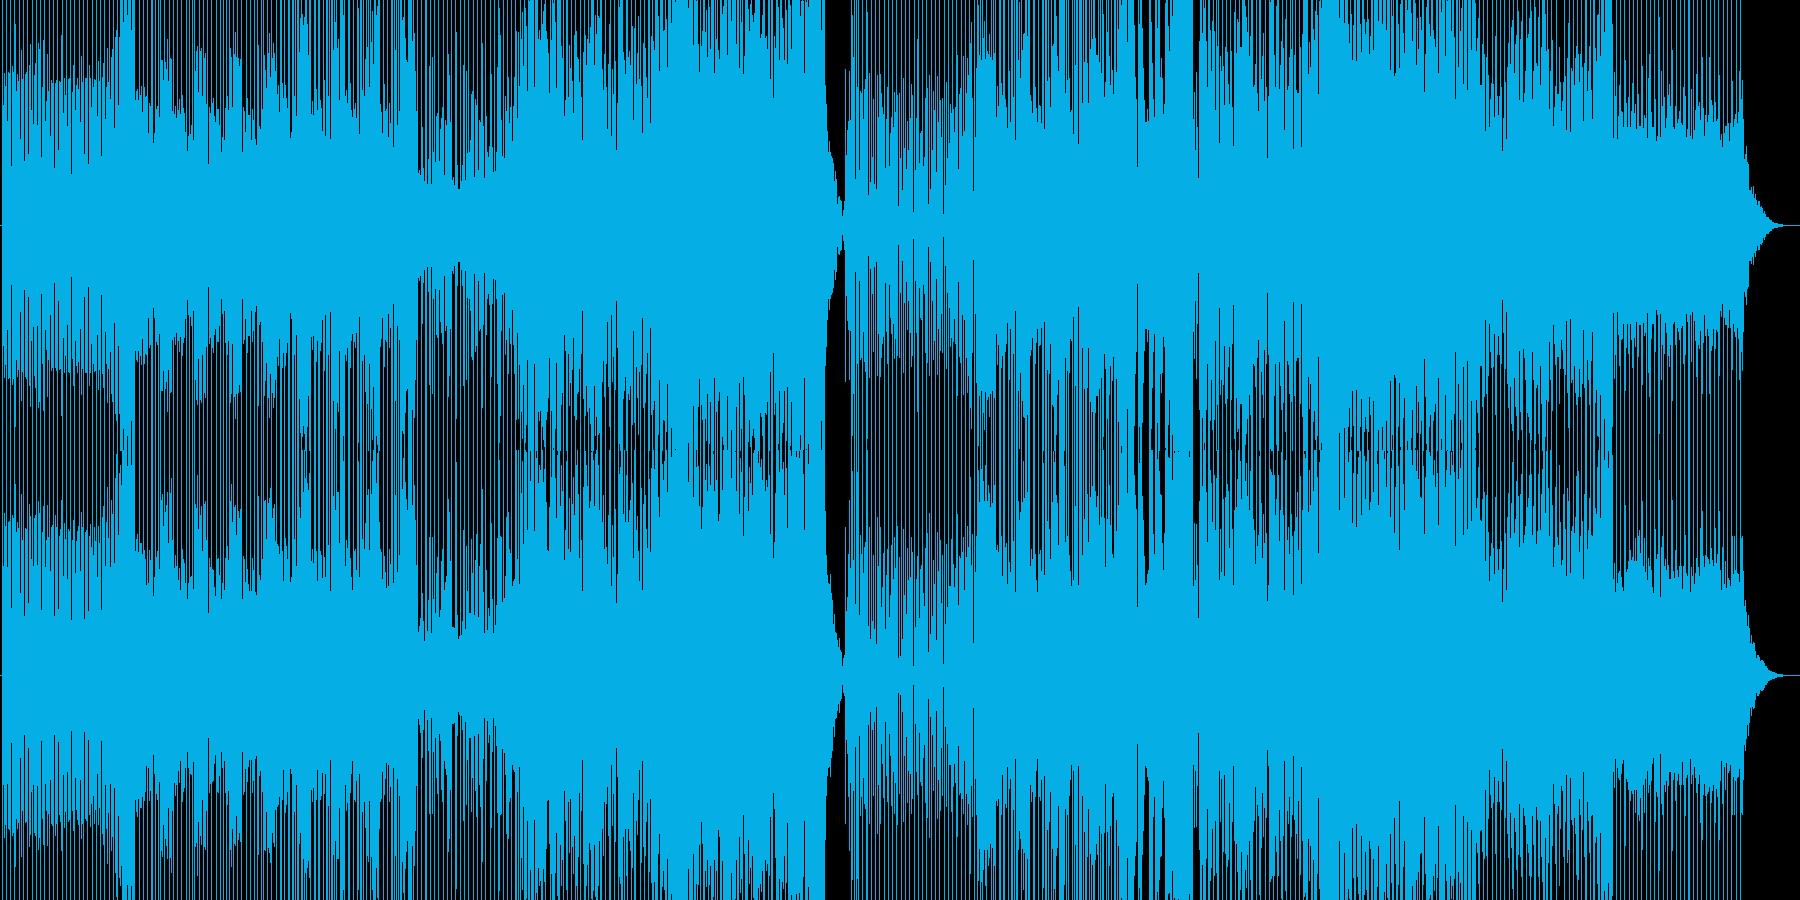 ダークな雰囲気のスタイリッシュなEDMの再生済みの波形